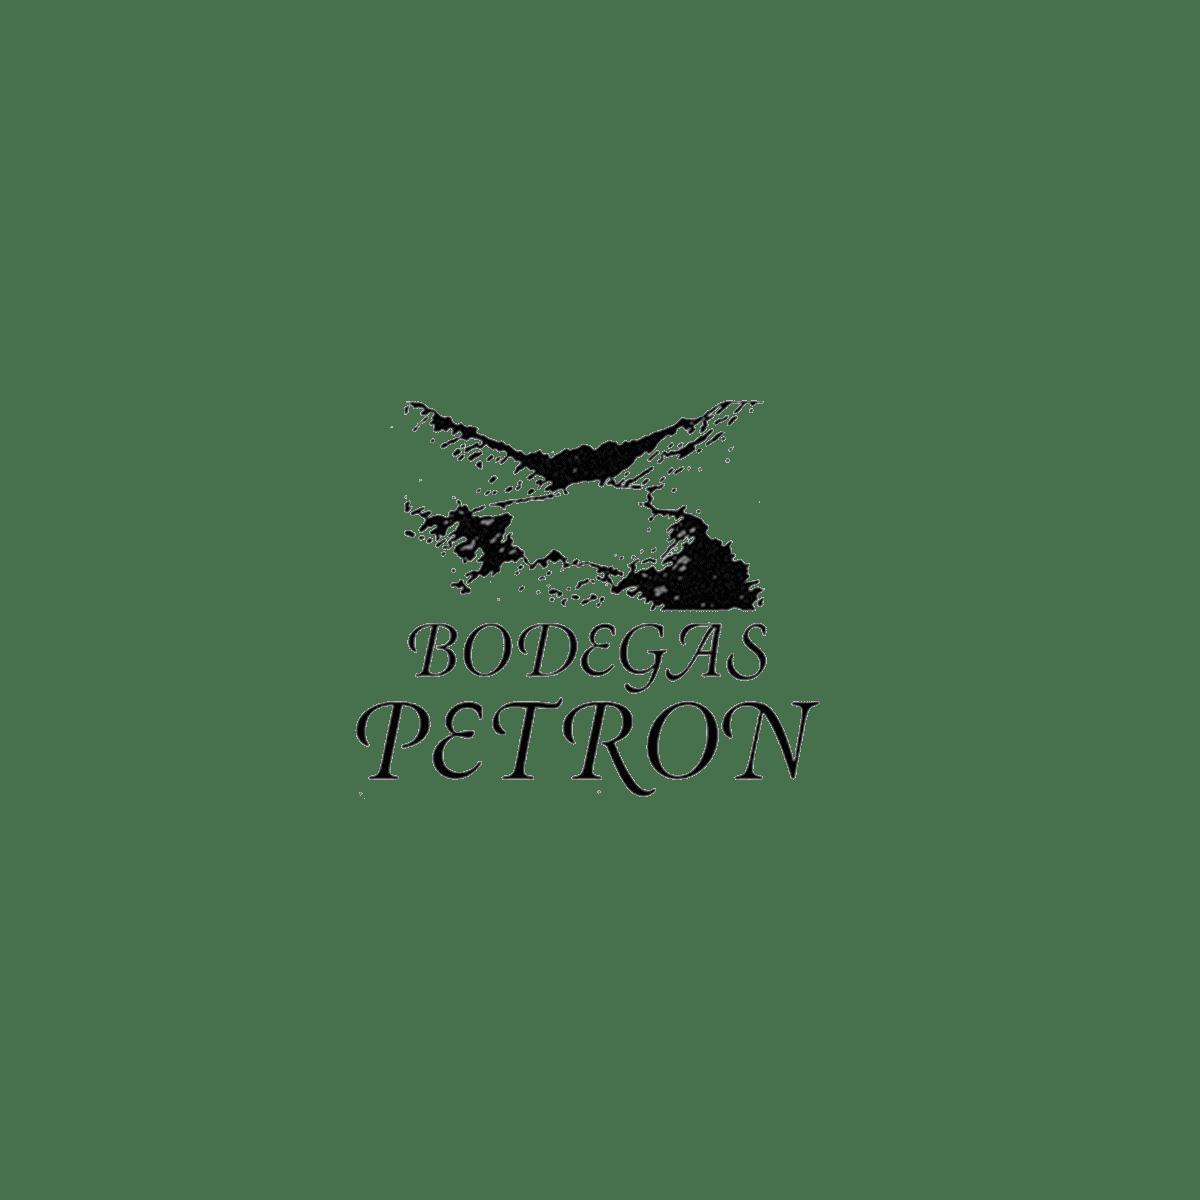 logo bodegas petron